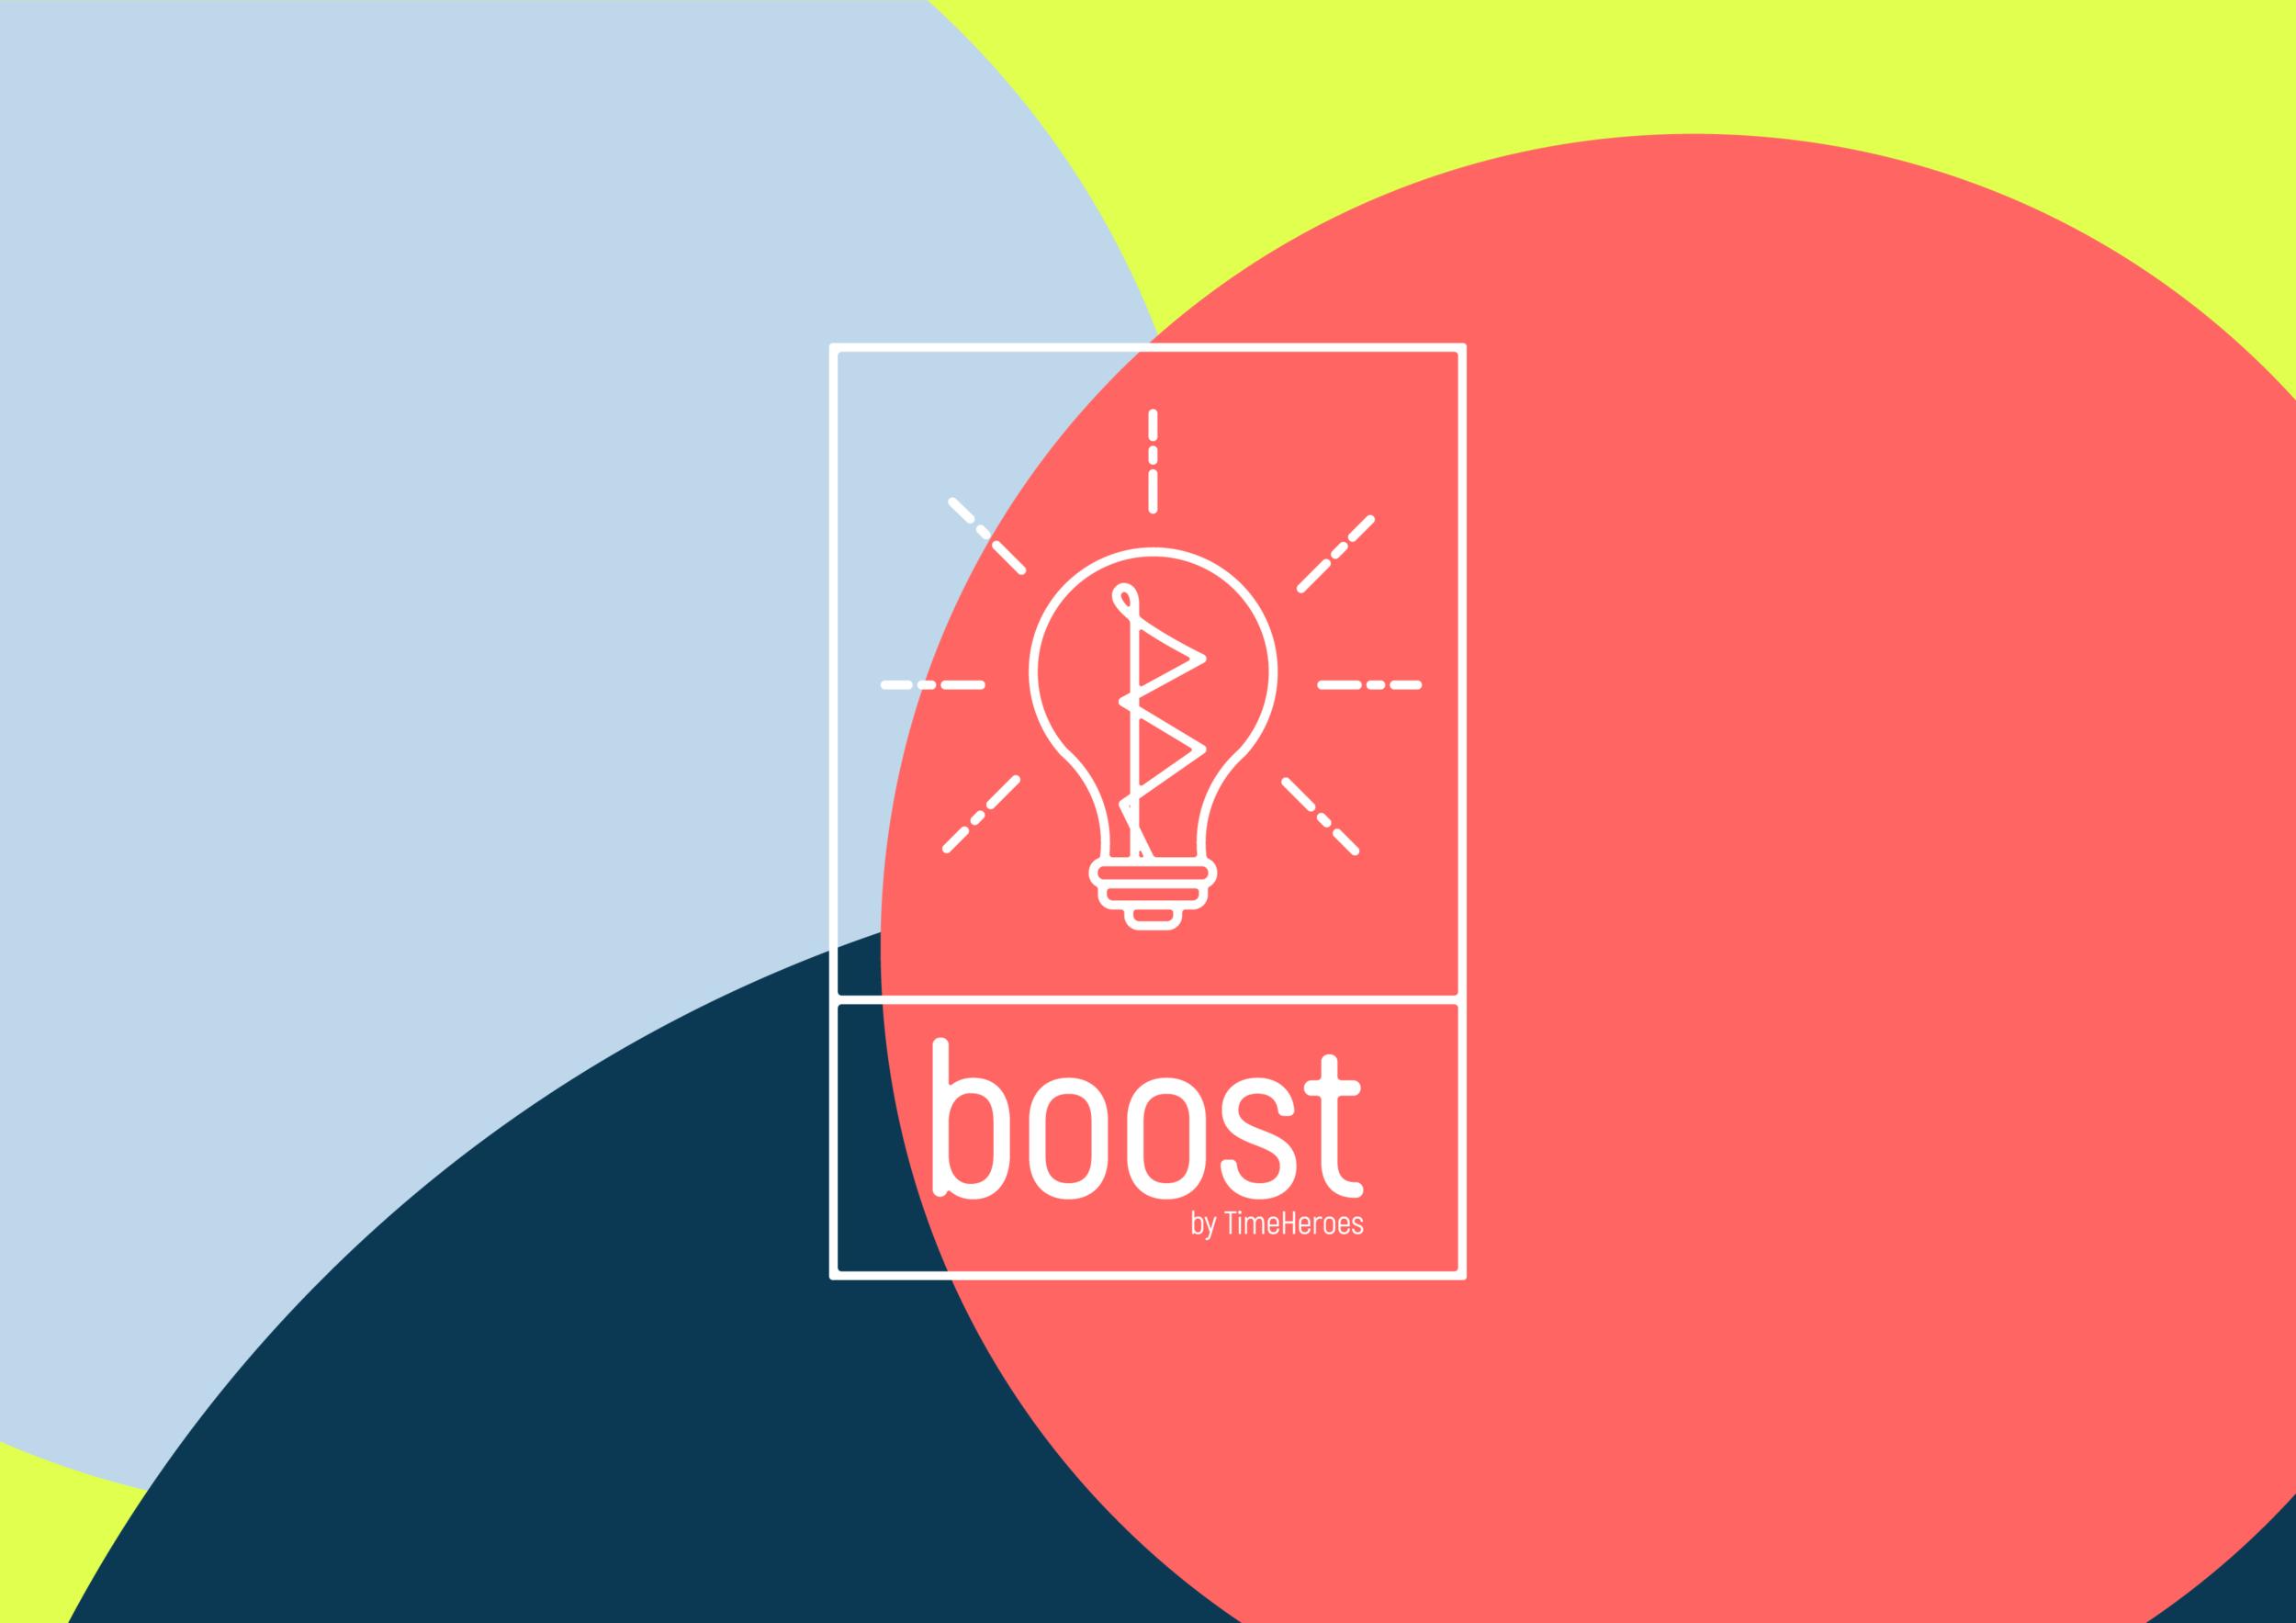 boost copy-10.png